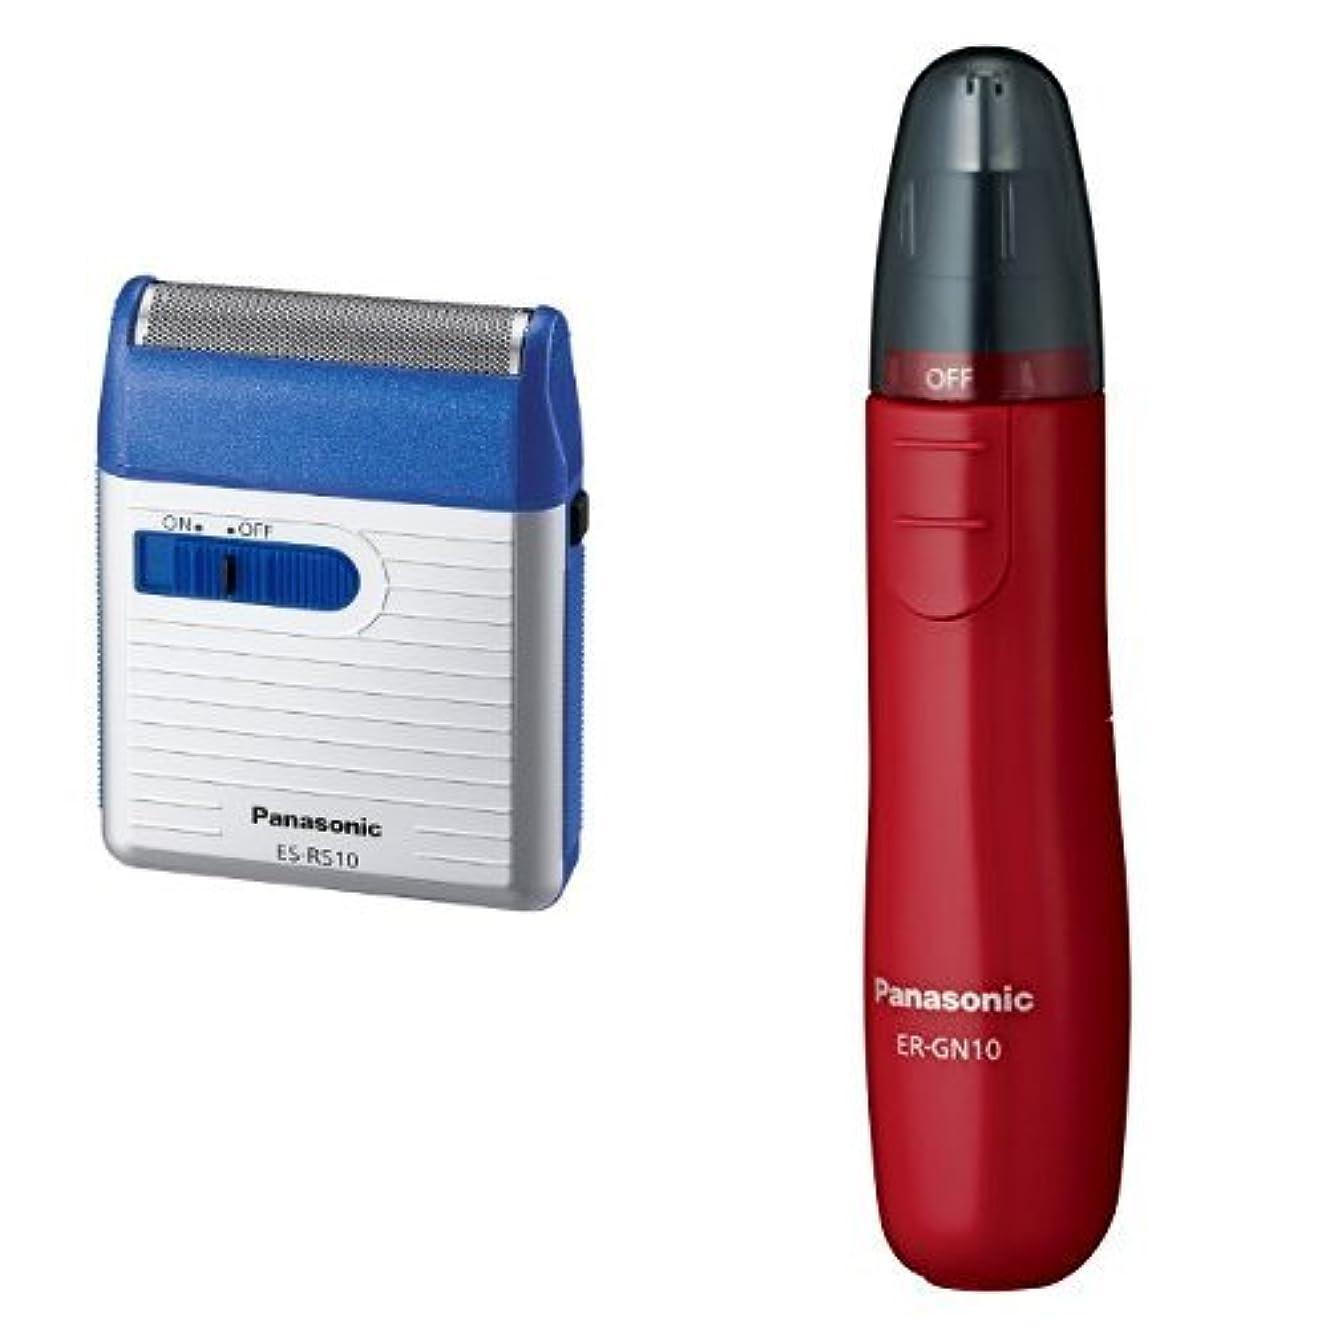 遅らせる家族パナソニック メンズシェーバー 1枚刃 青 ES-RS10-A + エチケットカッター 赤 ER-GN10-R セット